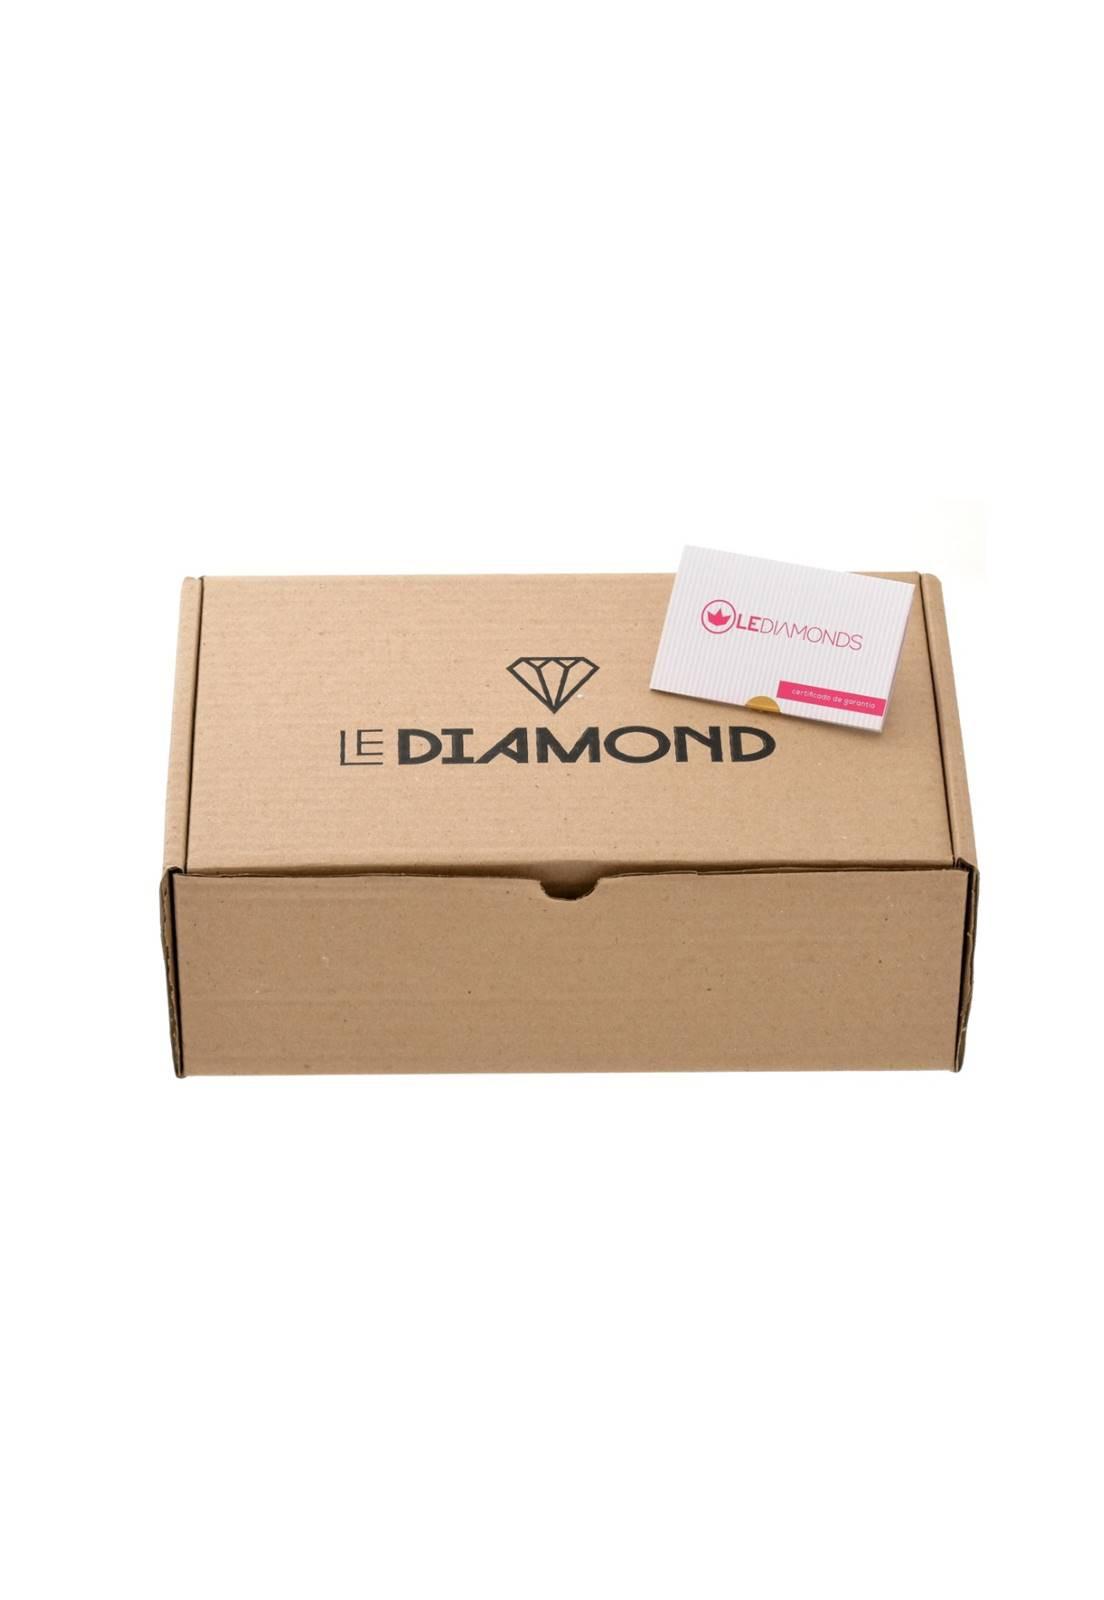 Brinco Le Diamond Base Lisa Com Folha Esmaltada Branco